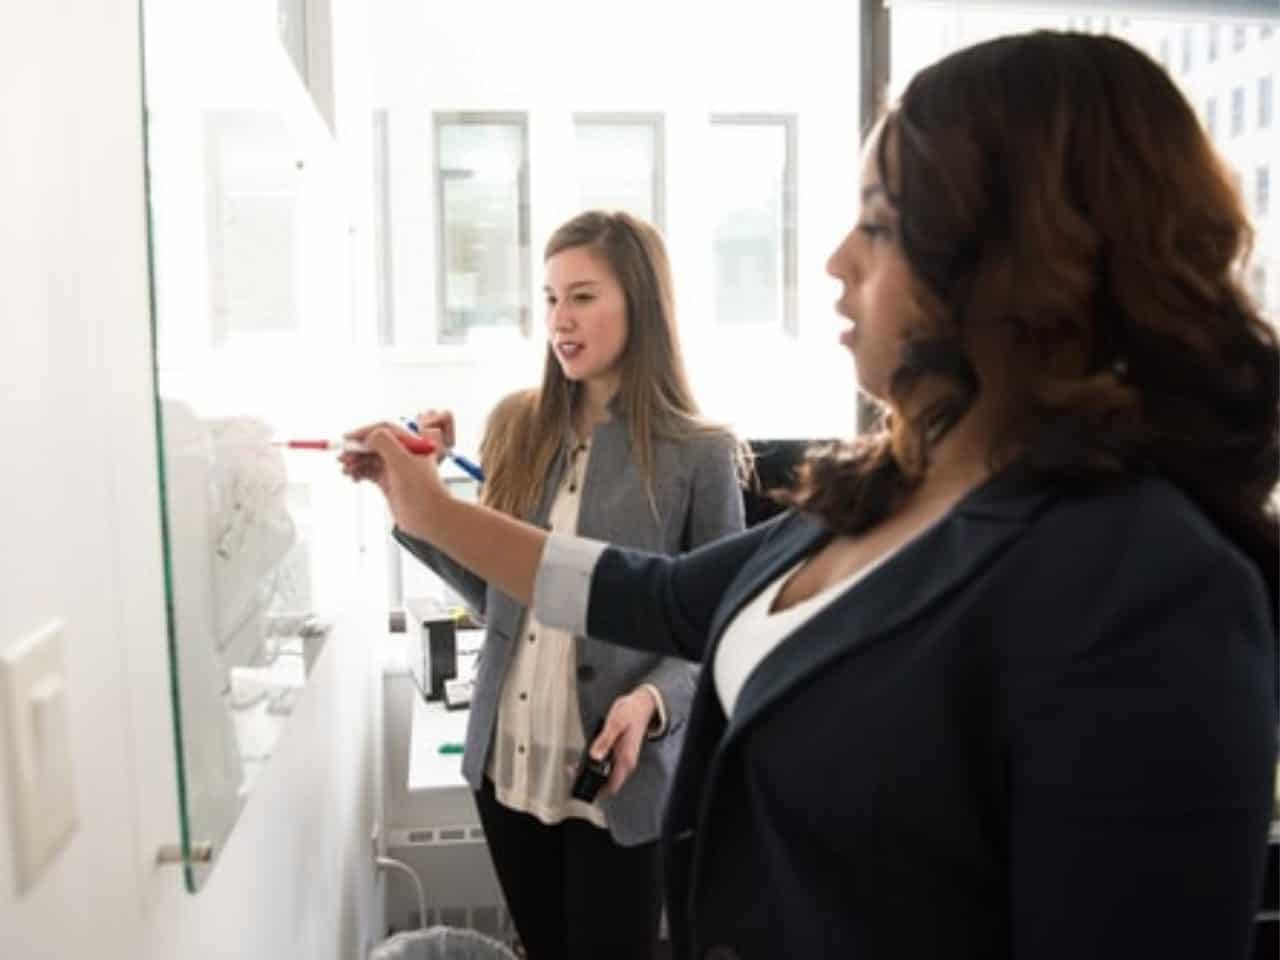 imagem para simbolizar a gestão financeira para pequenas empresas com duas mulheres fazendo anotações em um quadro